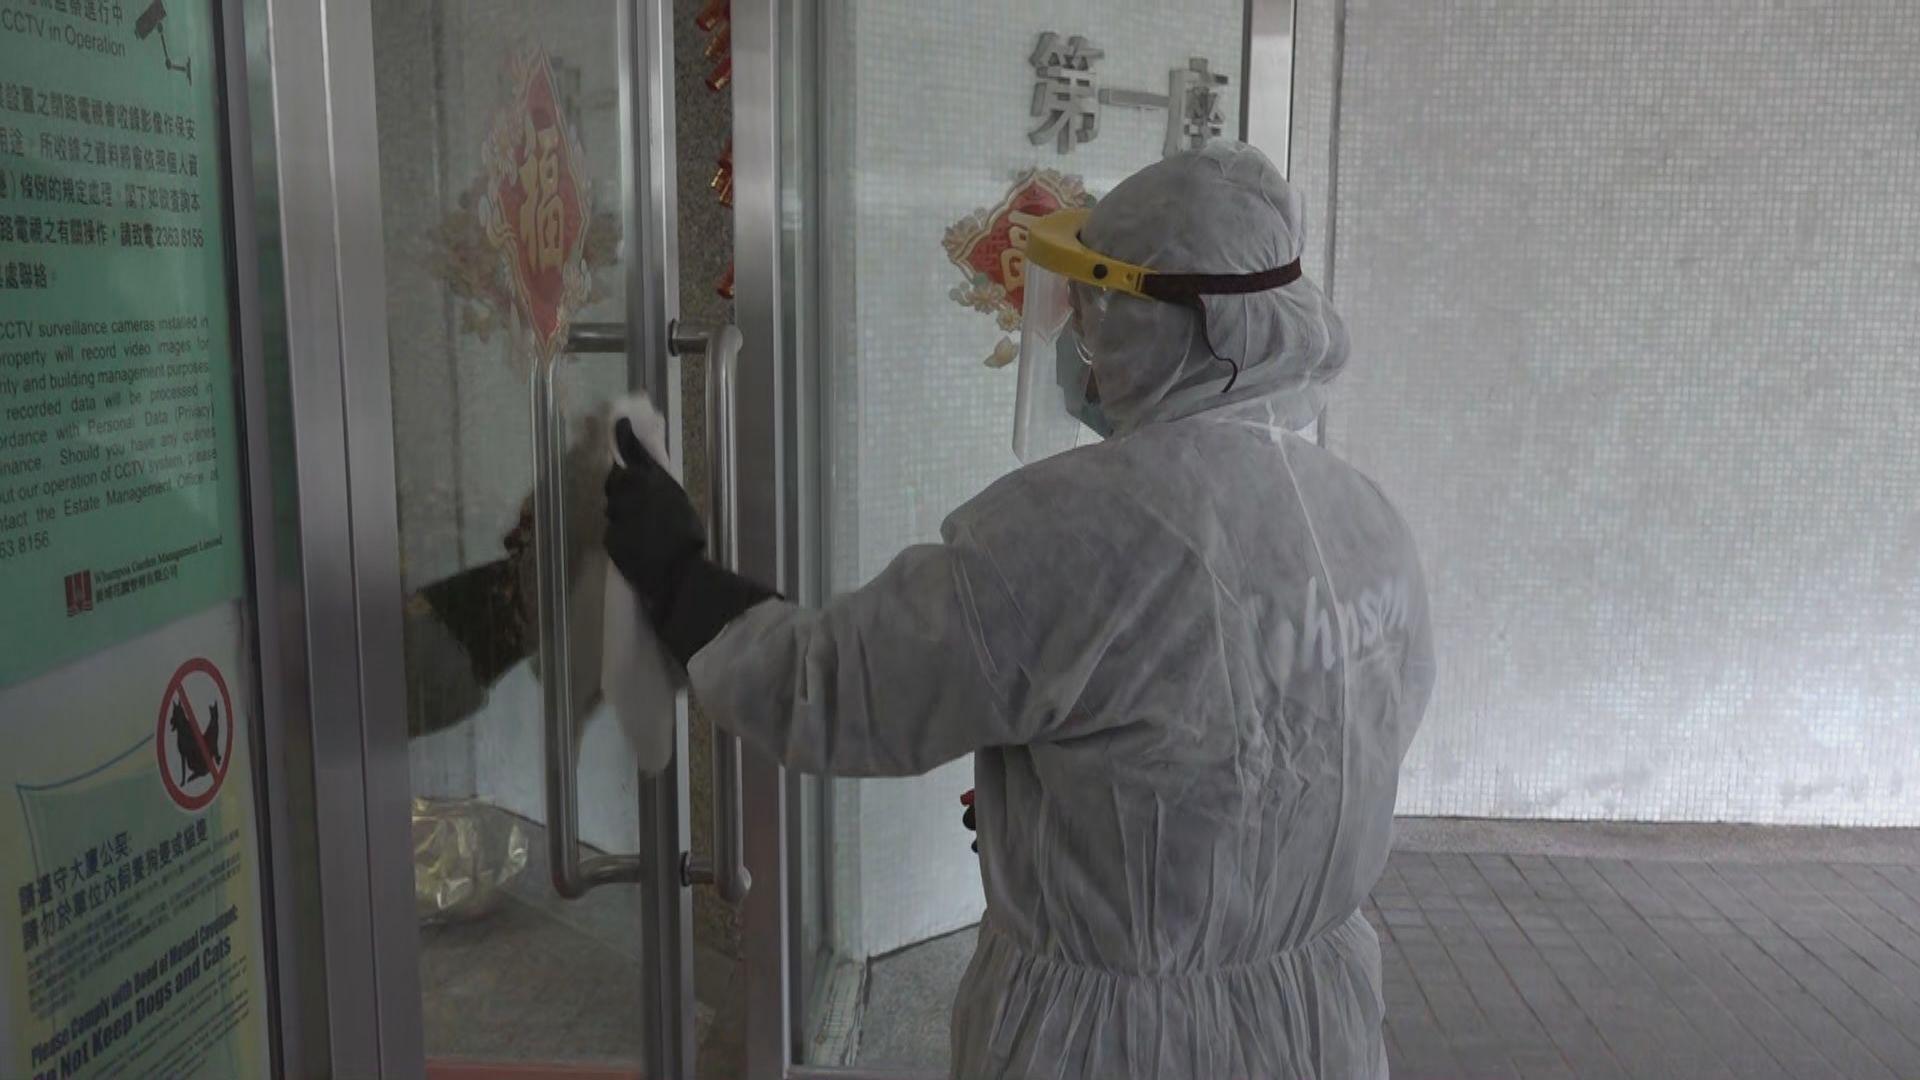 【新型肺炎】黃埔花園派員消毒大廈 食環署清潔街道